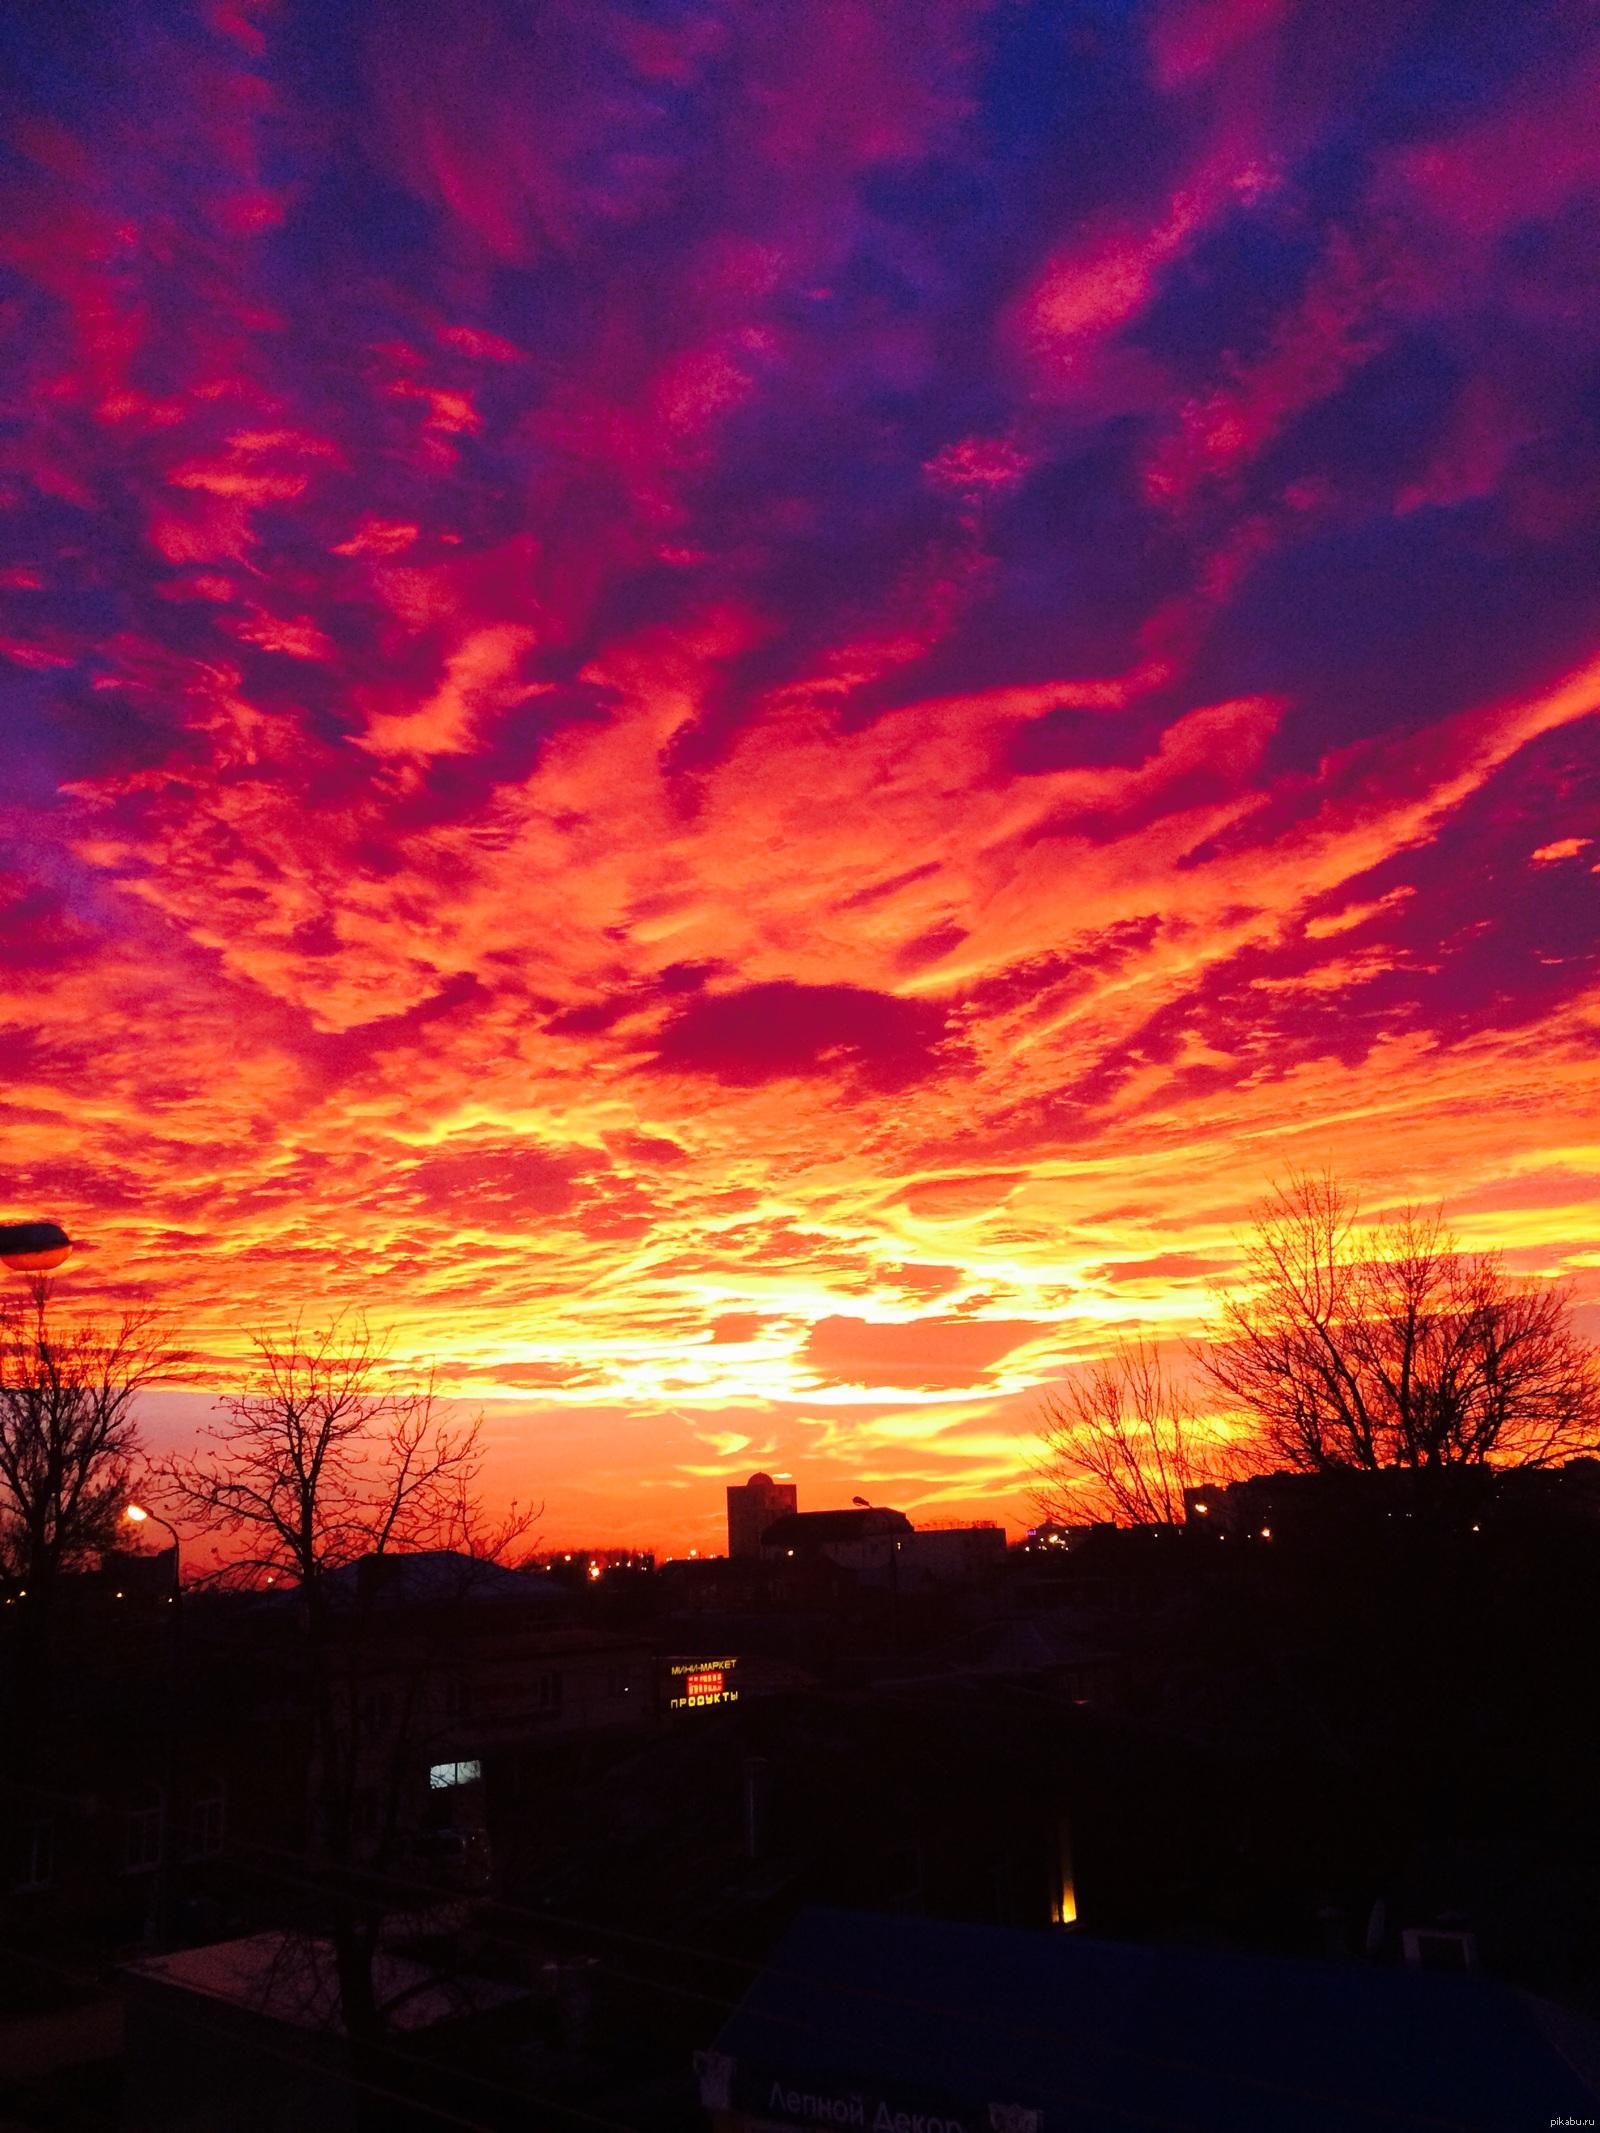 красивые картинки с закатом